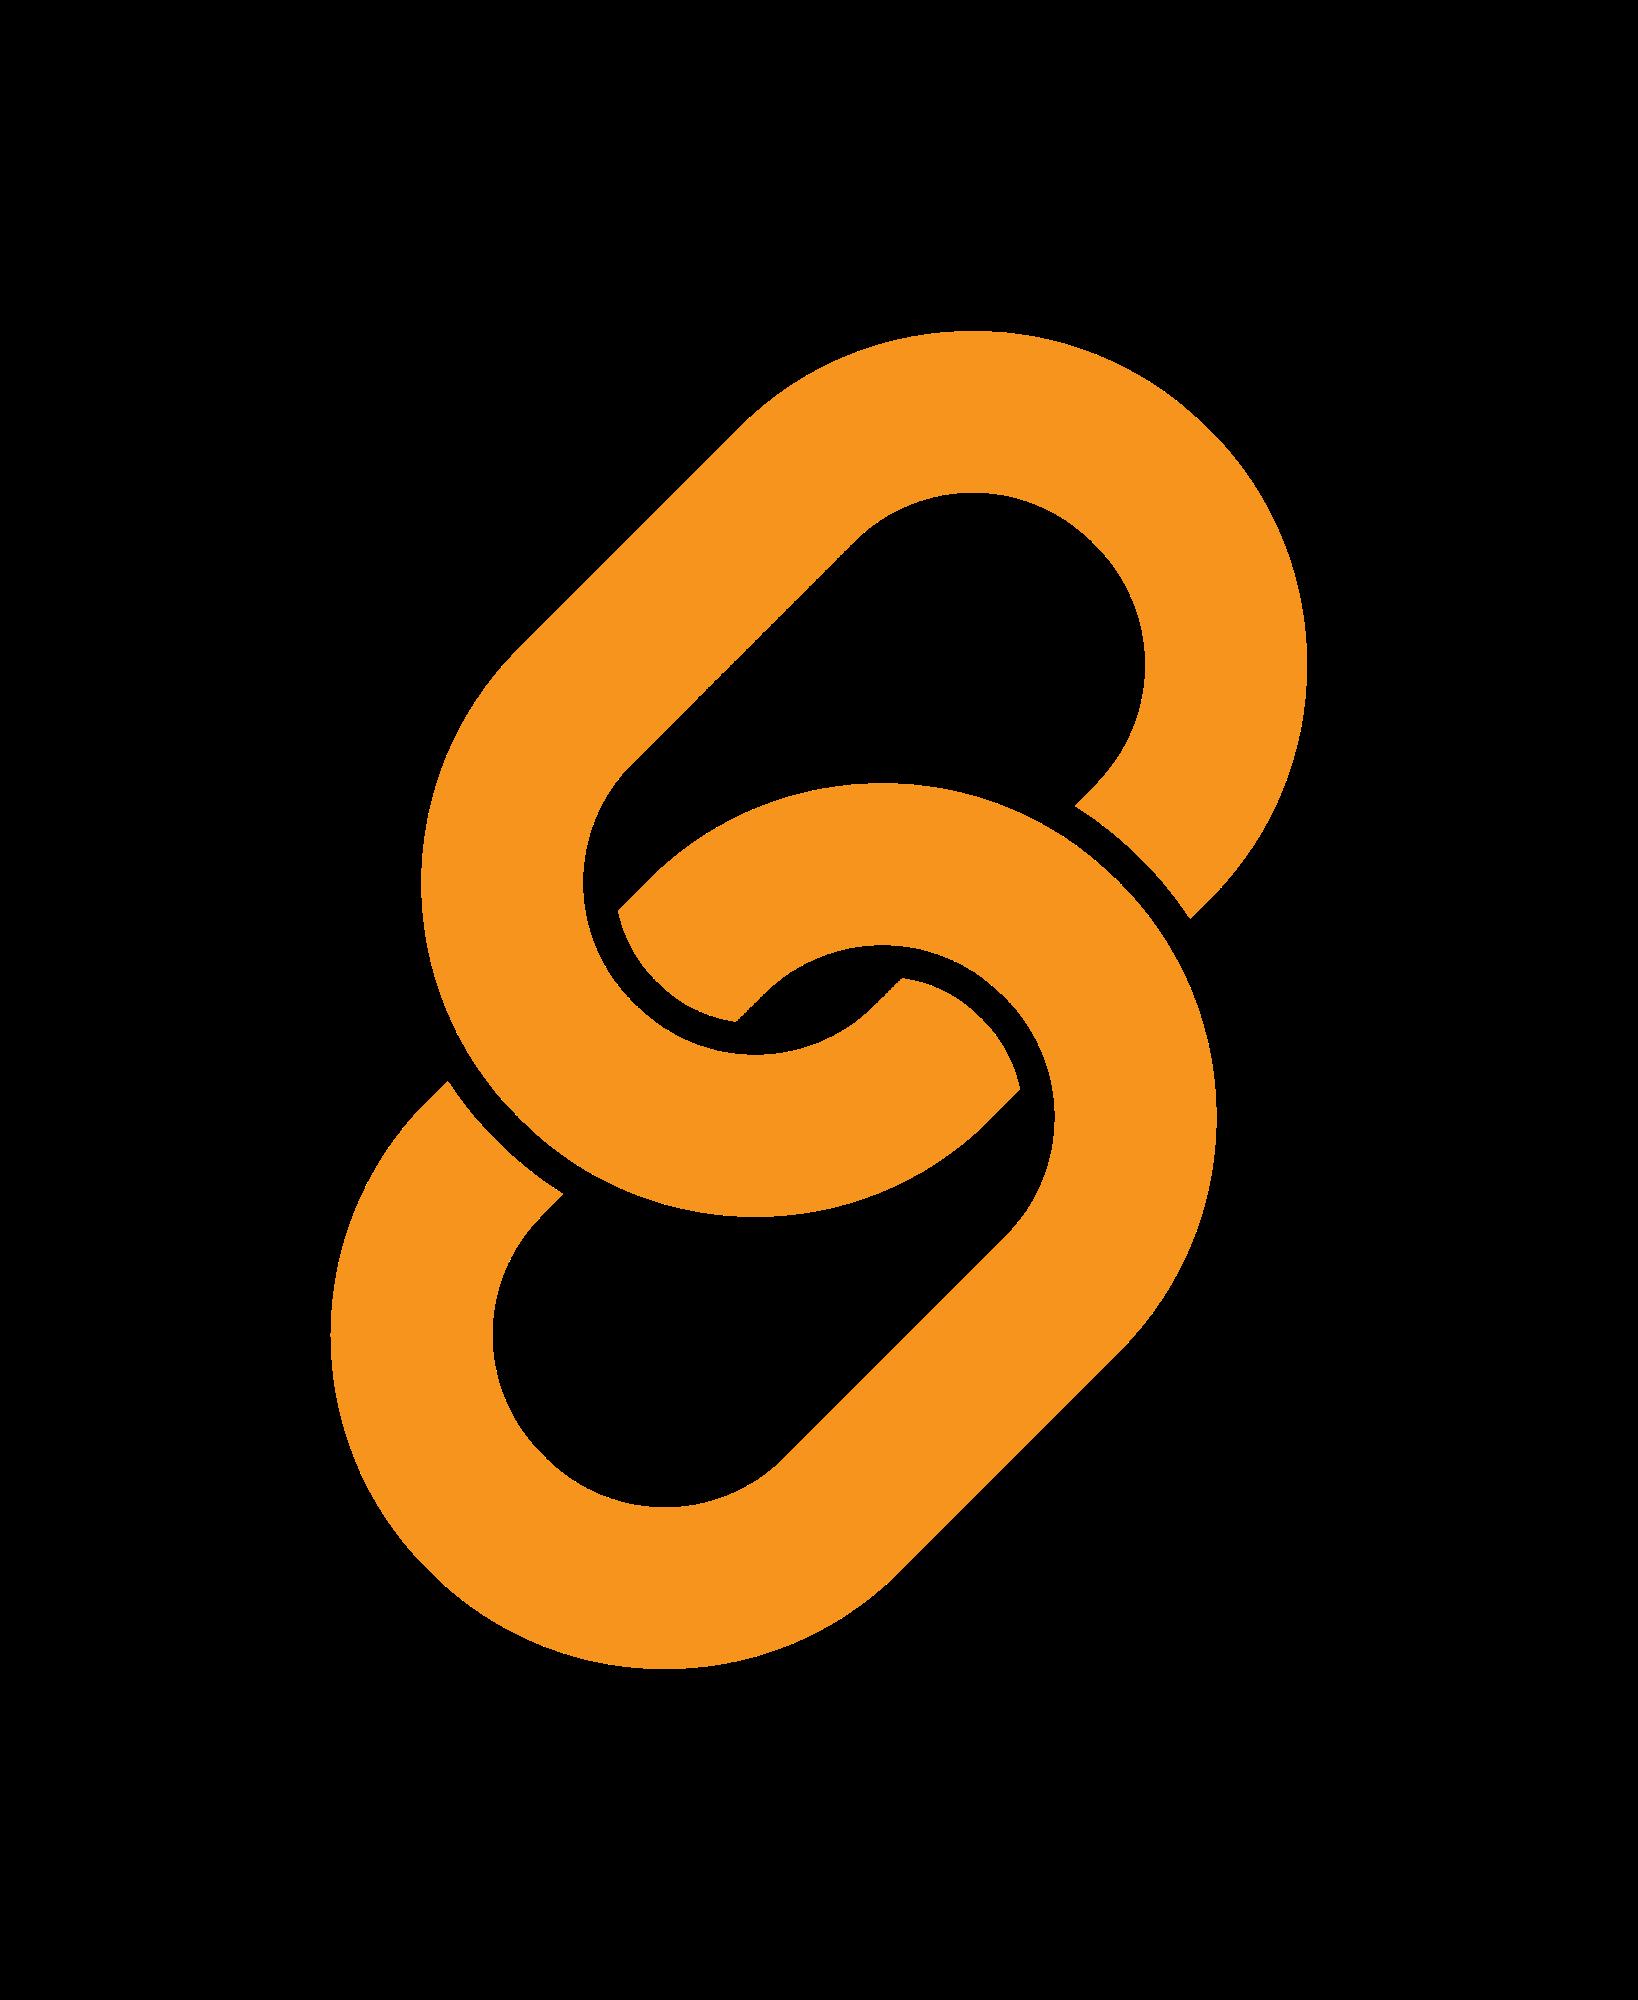 logo (53).png